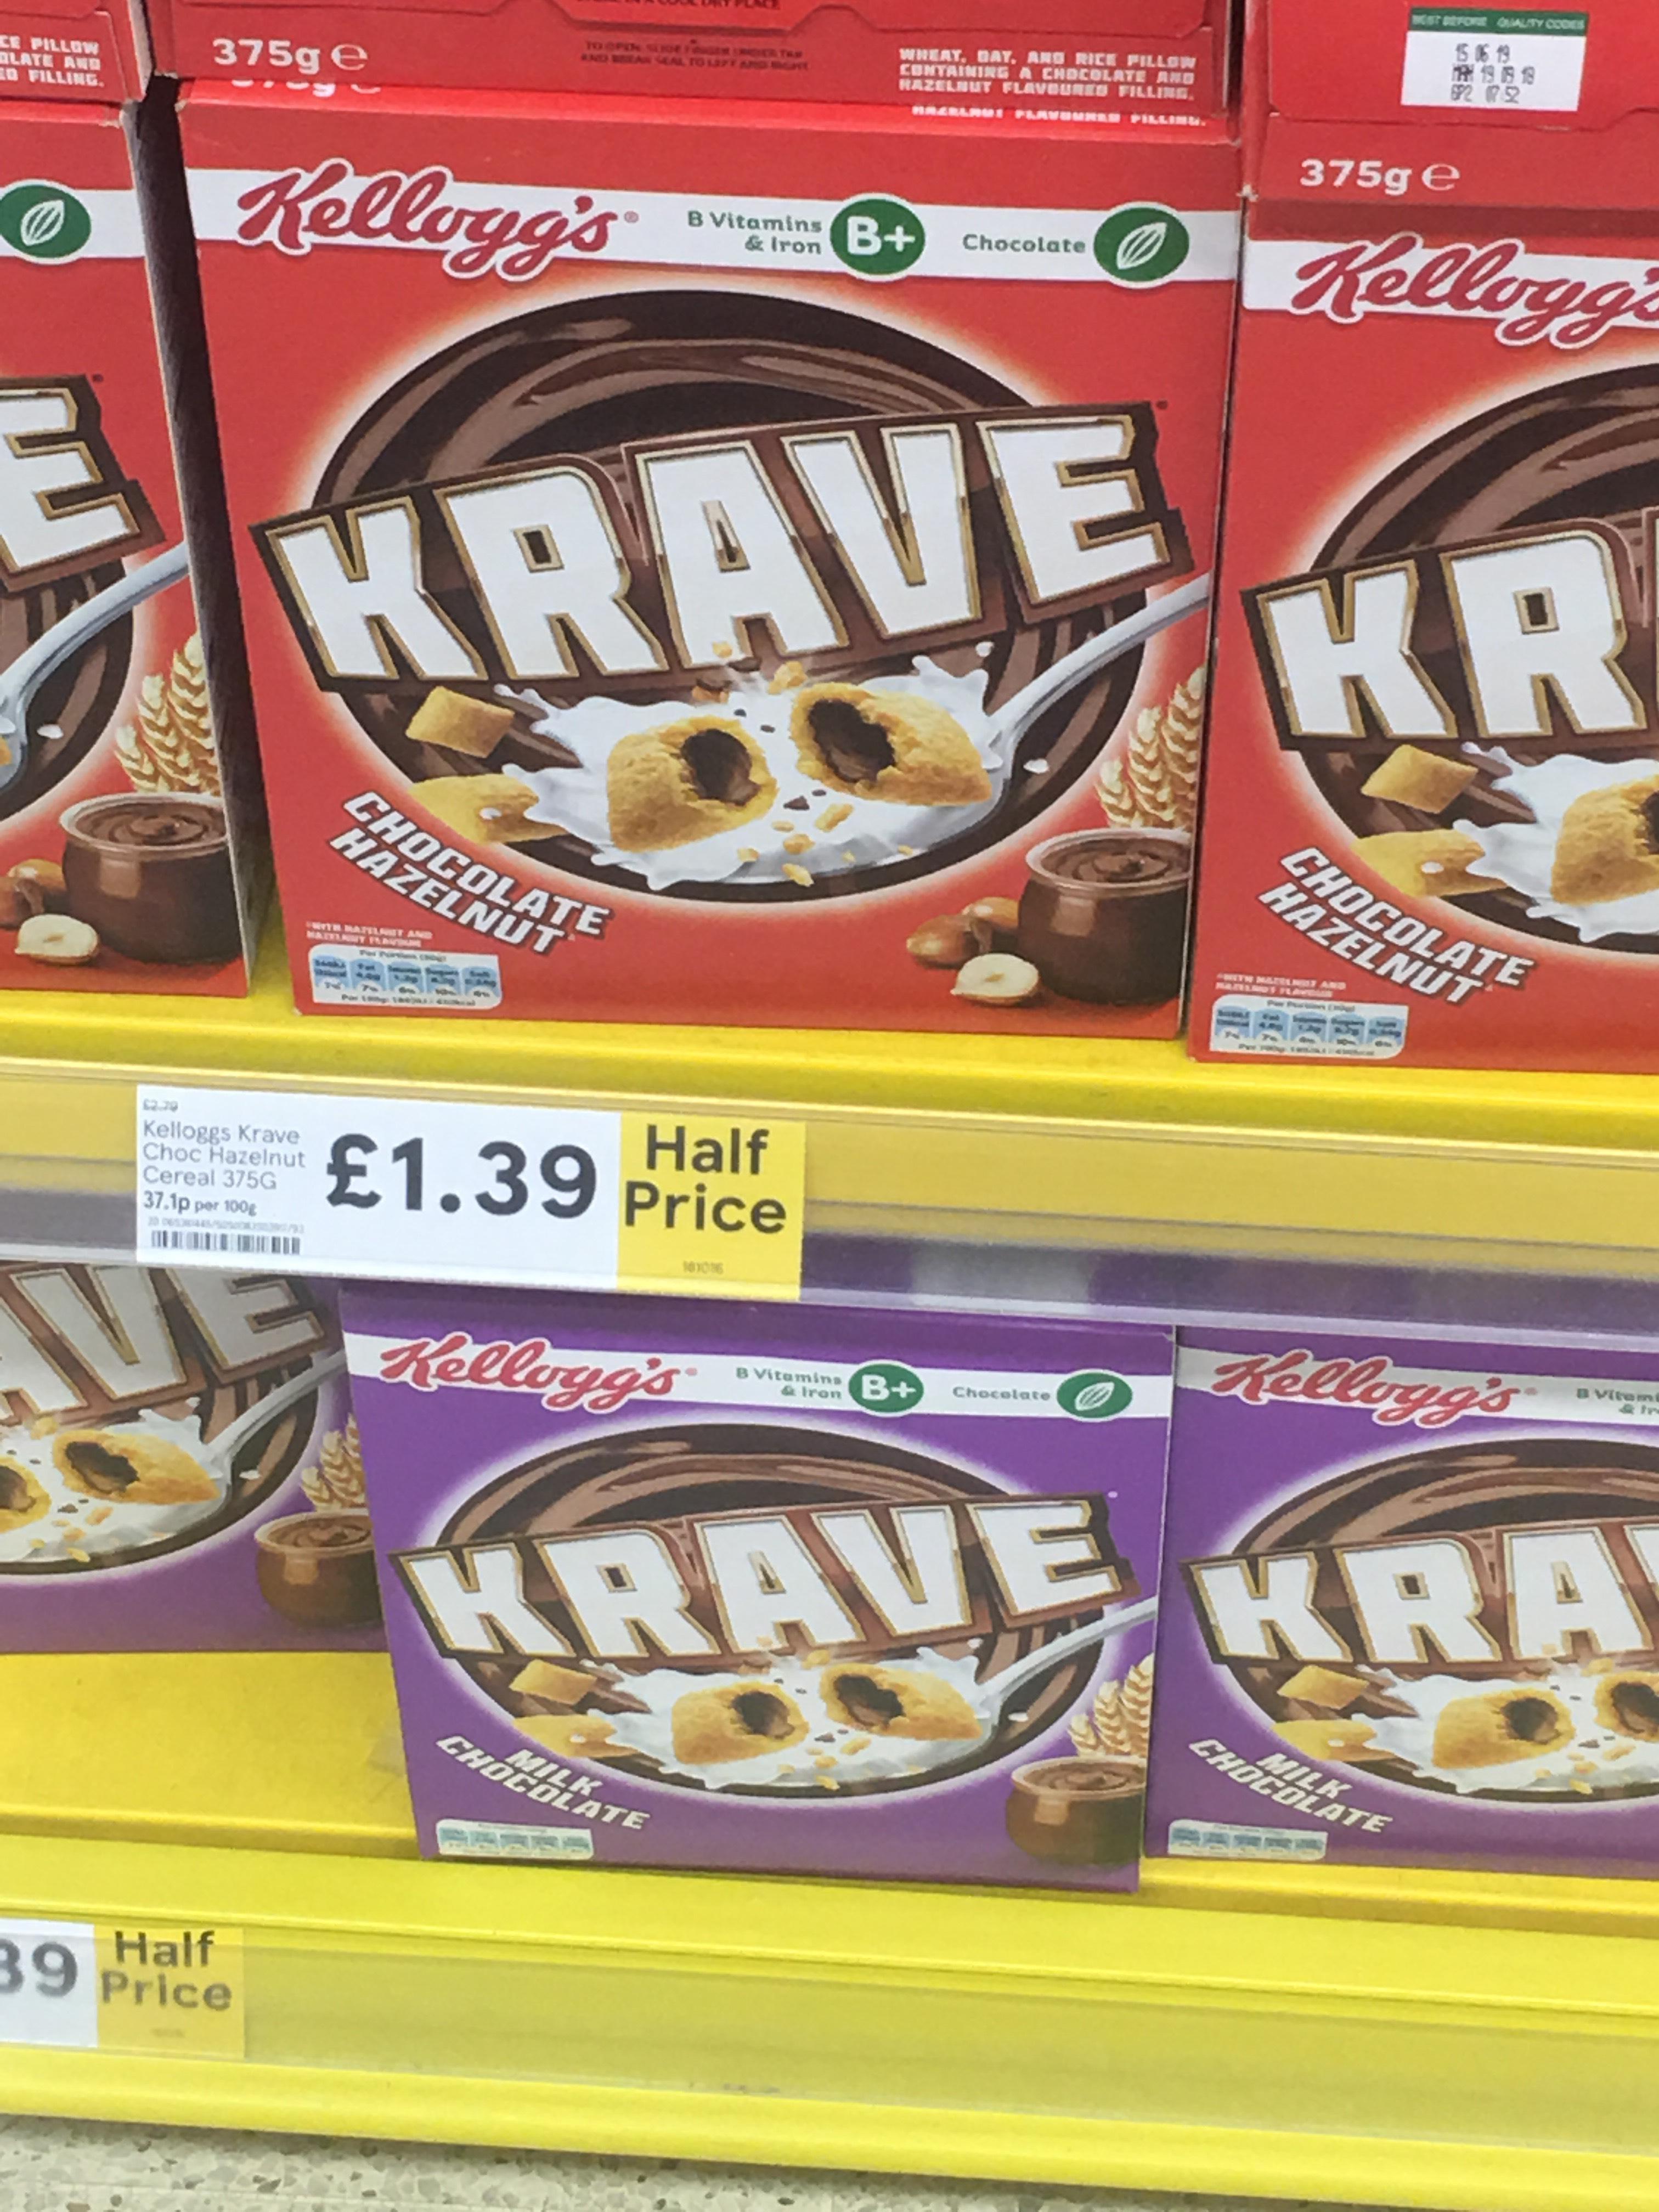 Kellogg's Krave cereal 375g £1.39 Tesco